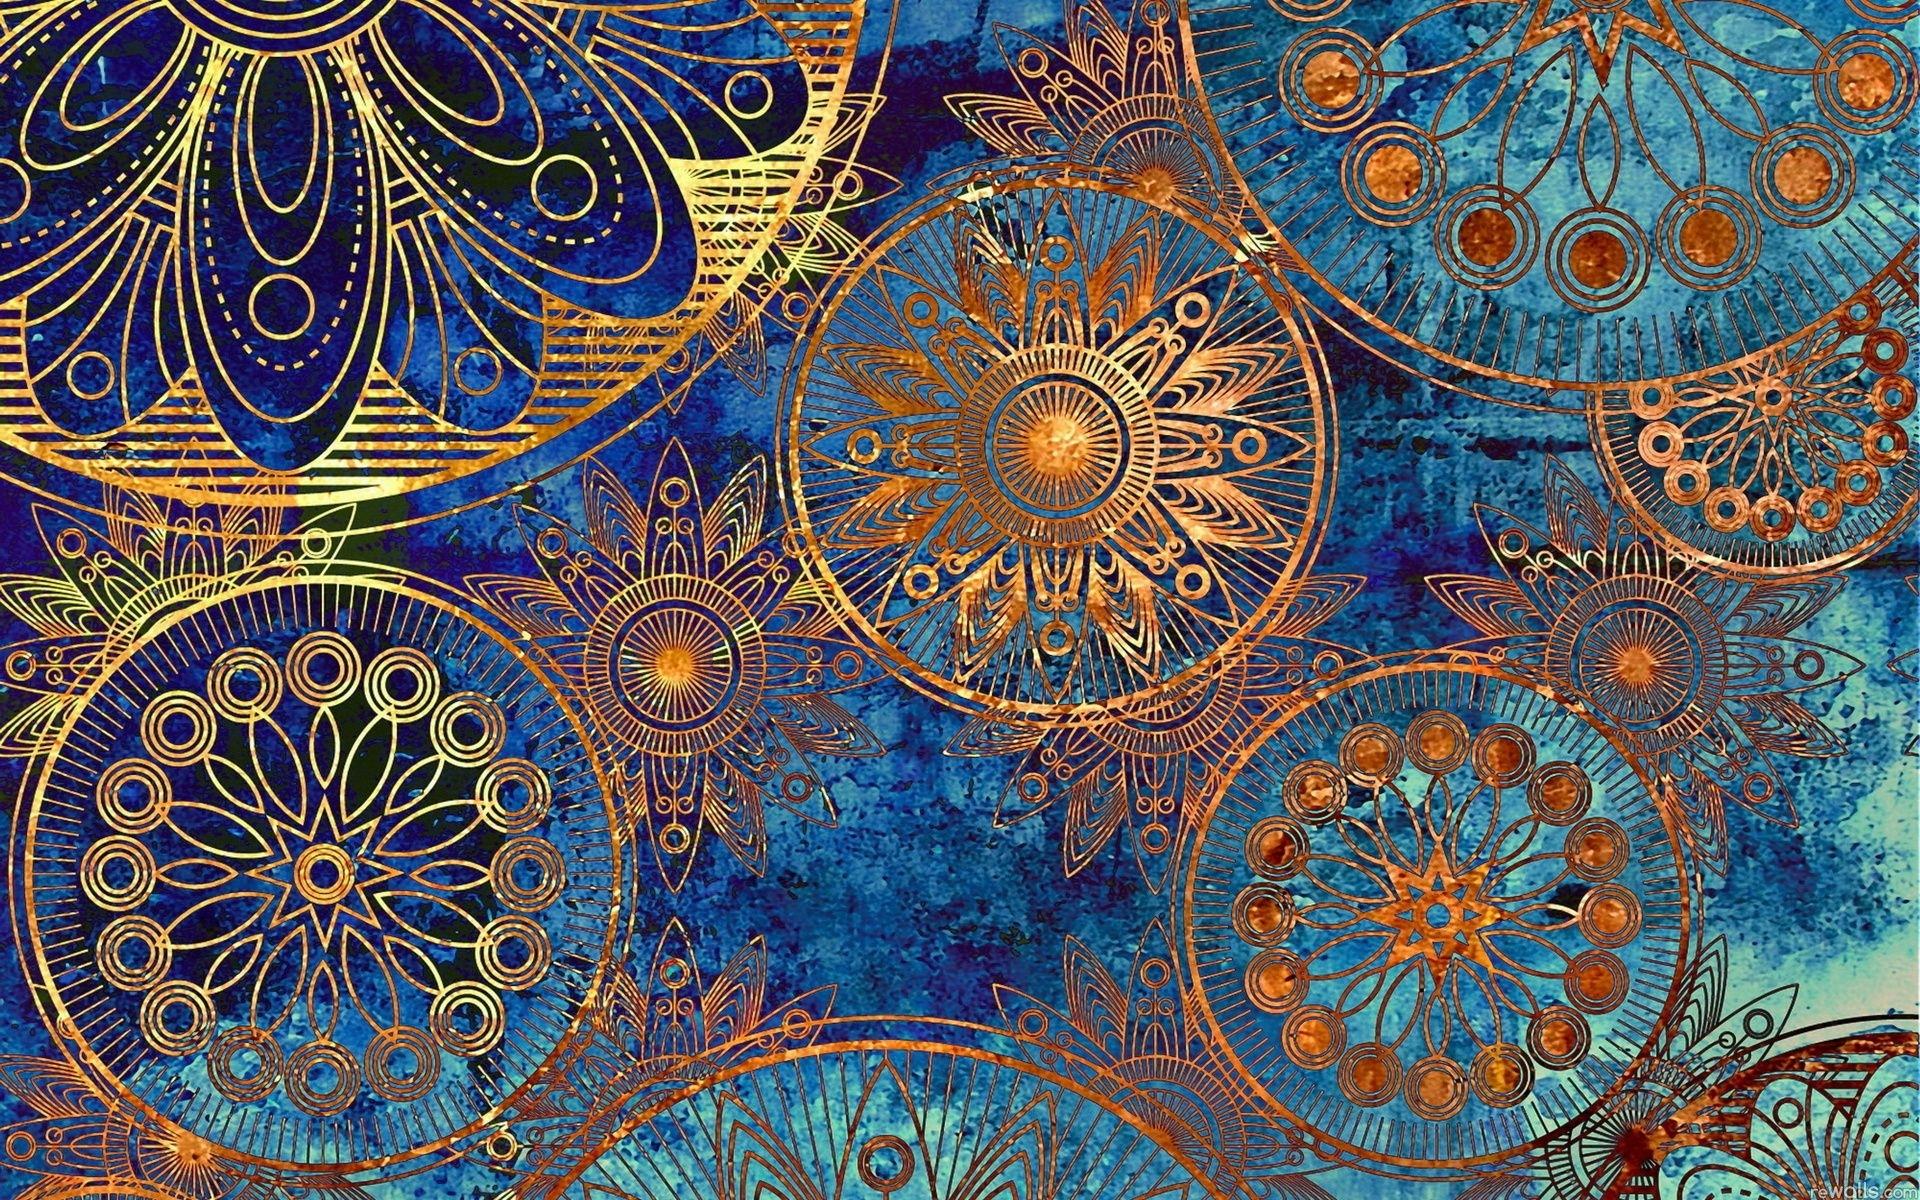 vintage wallpaper | download wallpaper vintage background, patterns